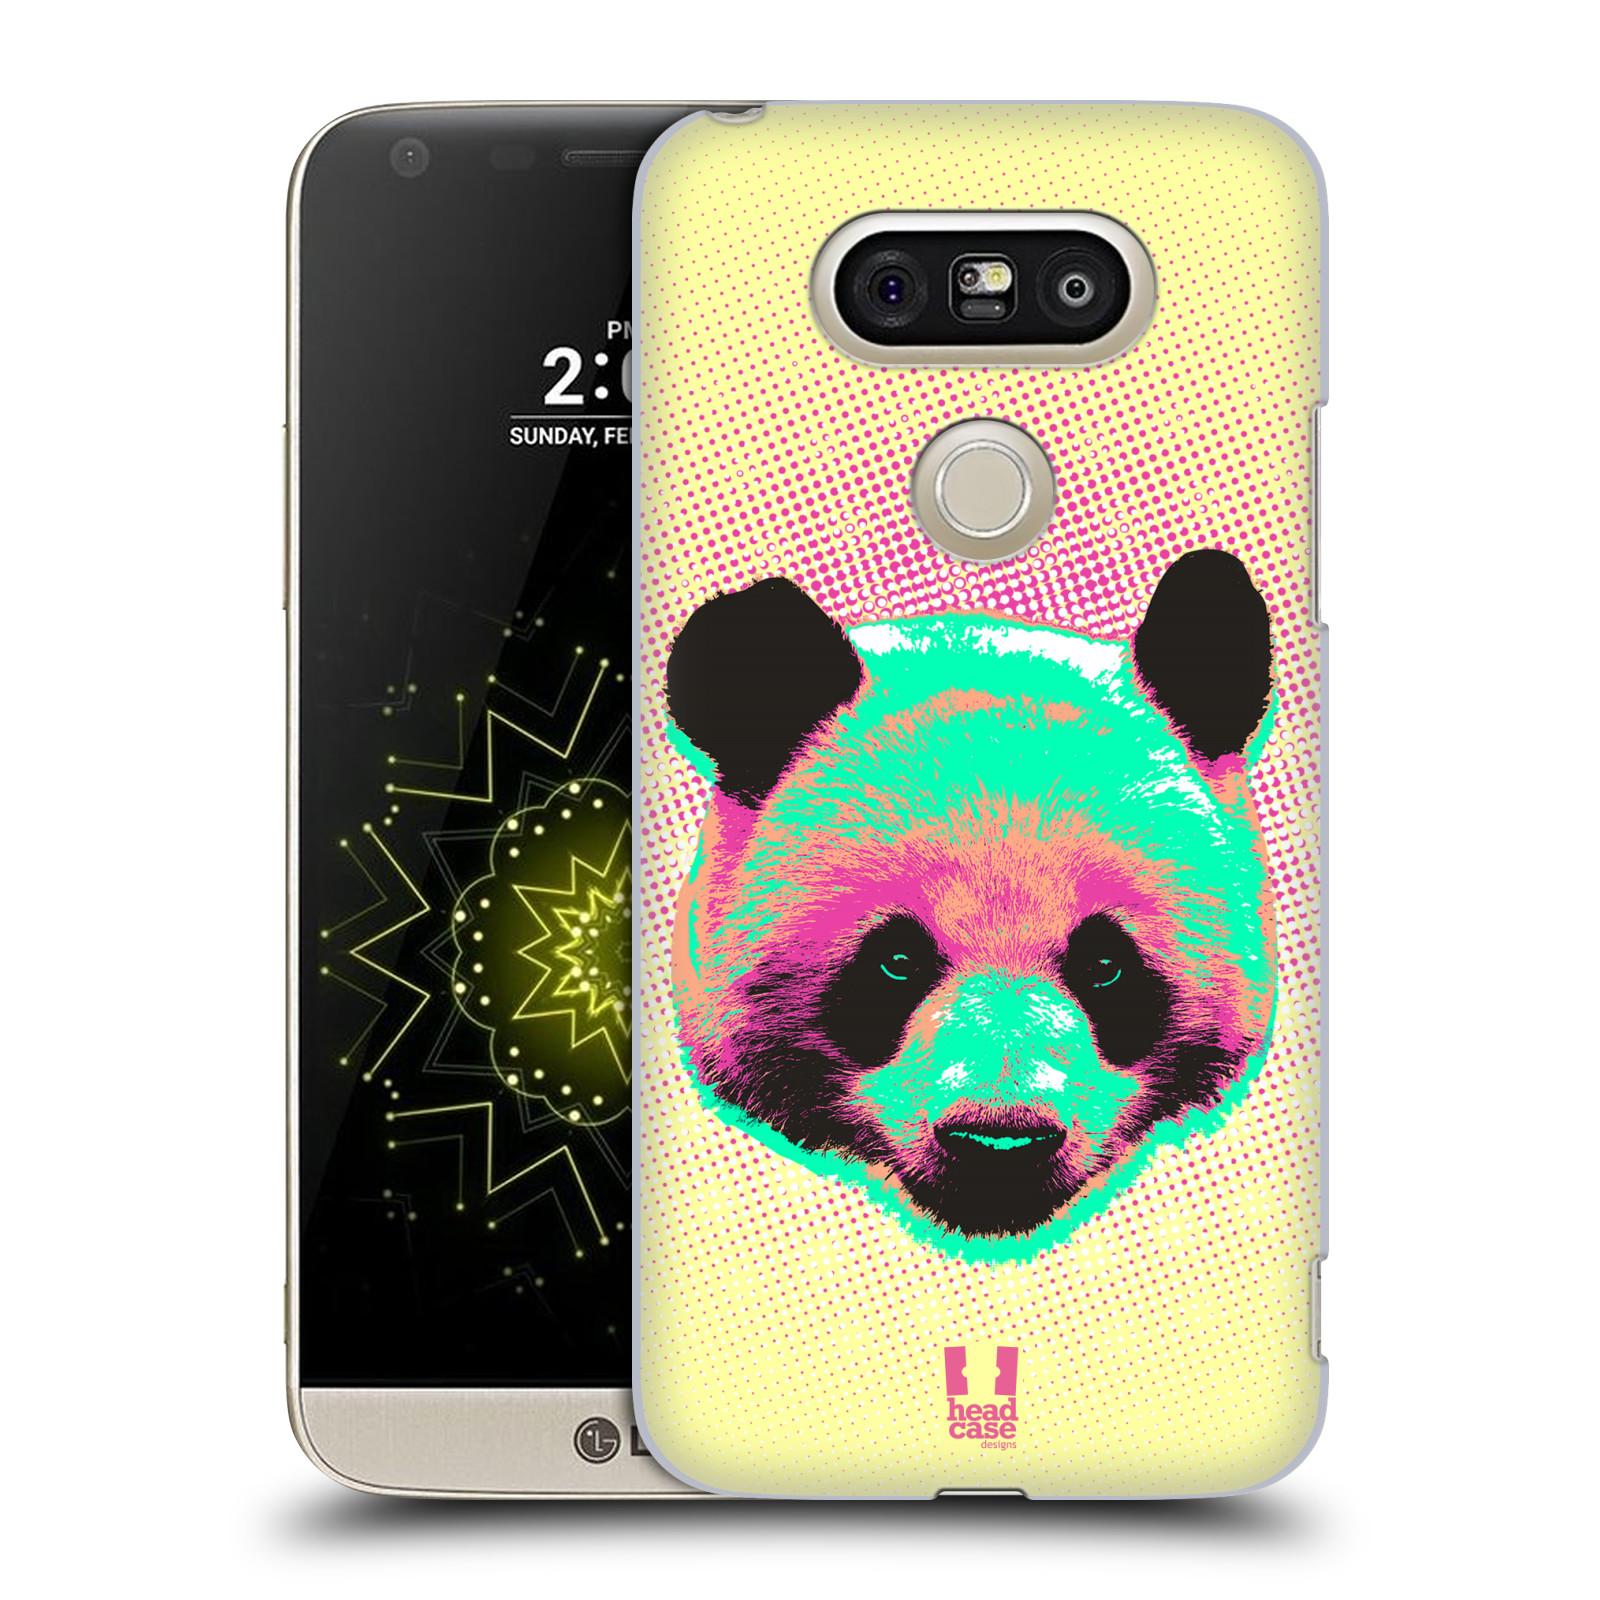 Plastové pouzdro na mobil LG G5 SE - Head Case - POP PRINT PANDA (Plastový kryt či obal na mobilní telefon LG G5 SE H840 s motivem POP PRINT PANDA)